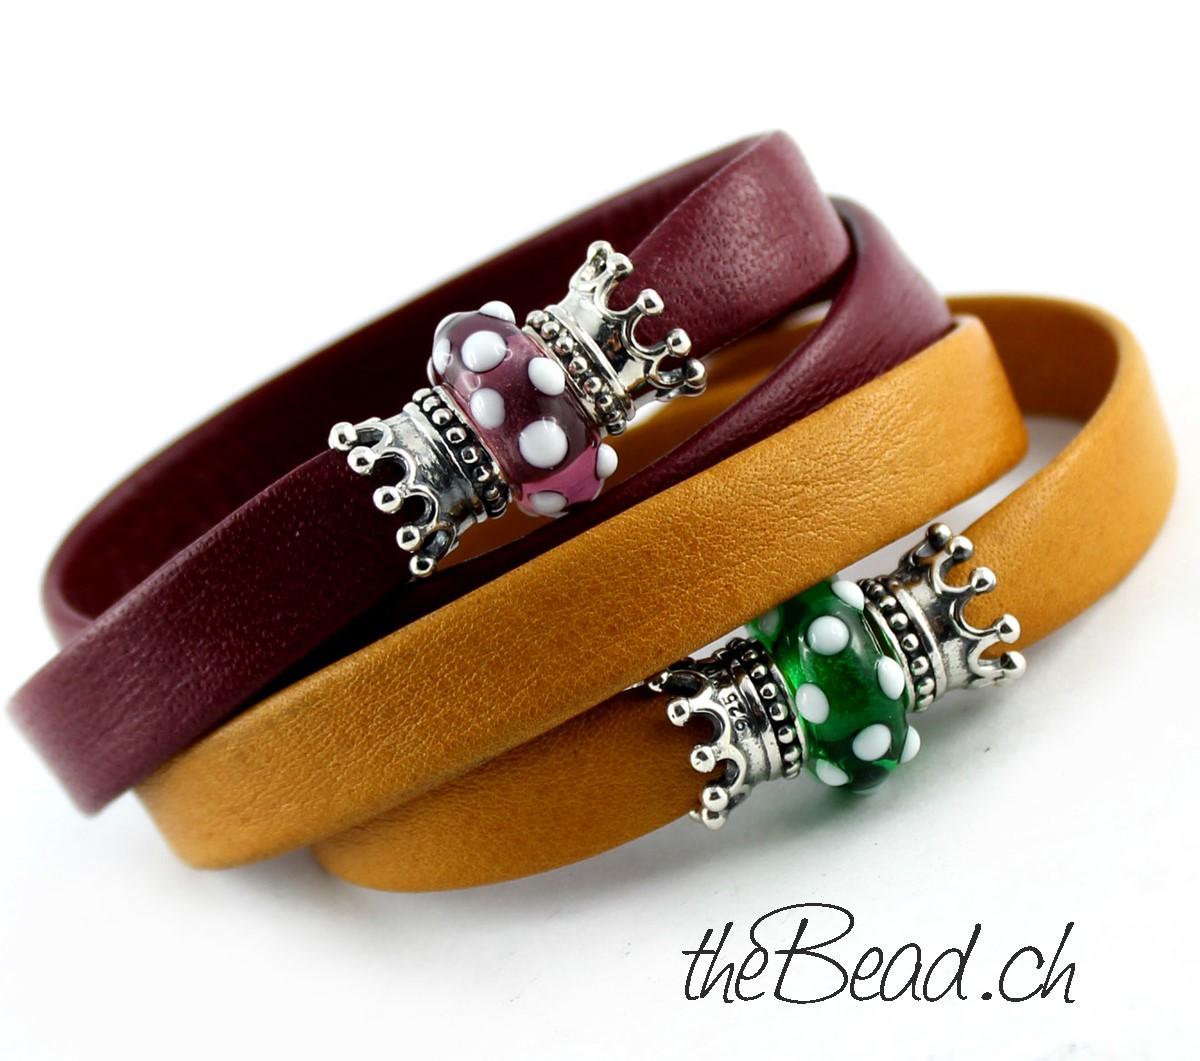 Damen Lederarmbänder mit Glasperlen und 925 Sterling Silber Krönchen Perlen vom schweizer Modeschmuck Onlineshop theBead www.theBead.ch